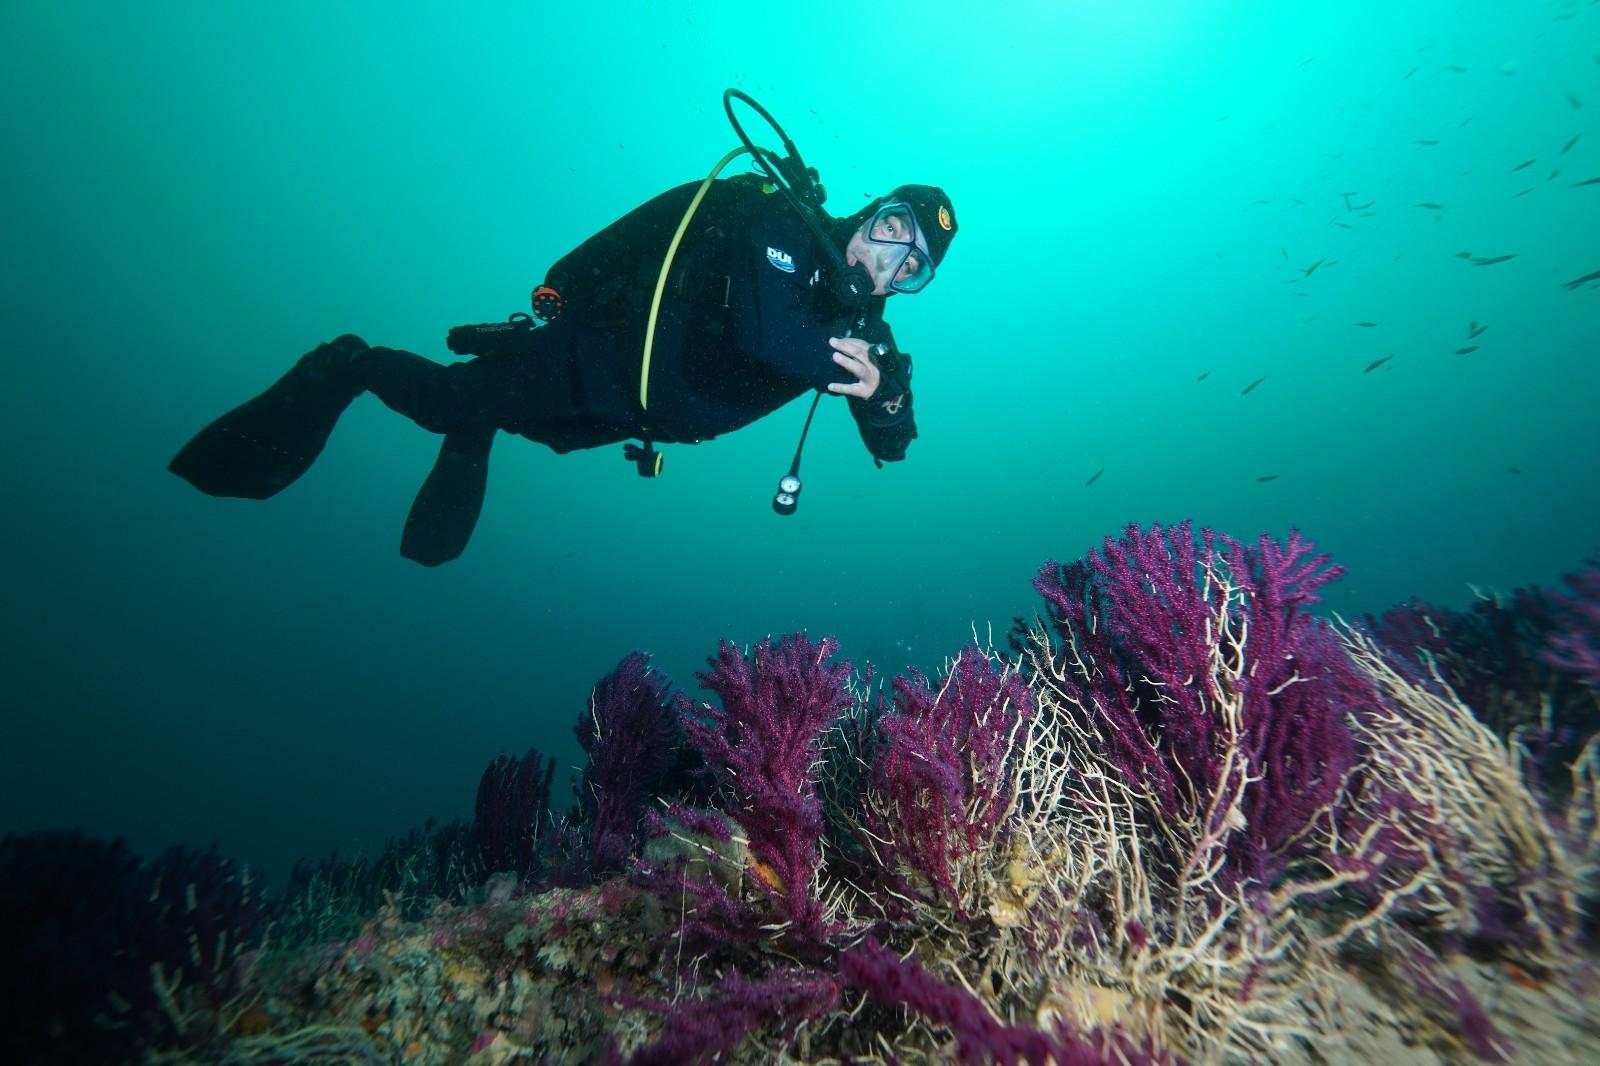 nesli-tukenmekte-olan-kirmizi-mercanlar-canakkale-bogazindaki-batik-gemilerde-hayat-buluyor-5a27c4f.jpg